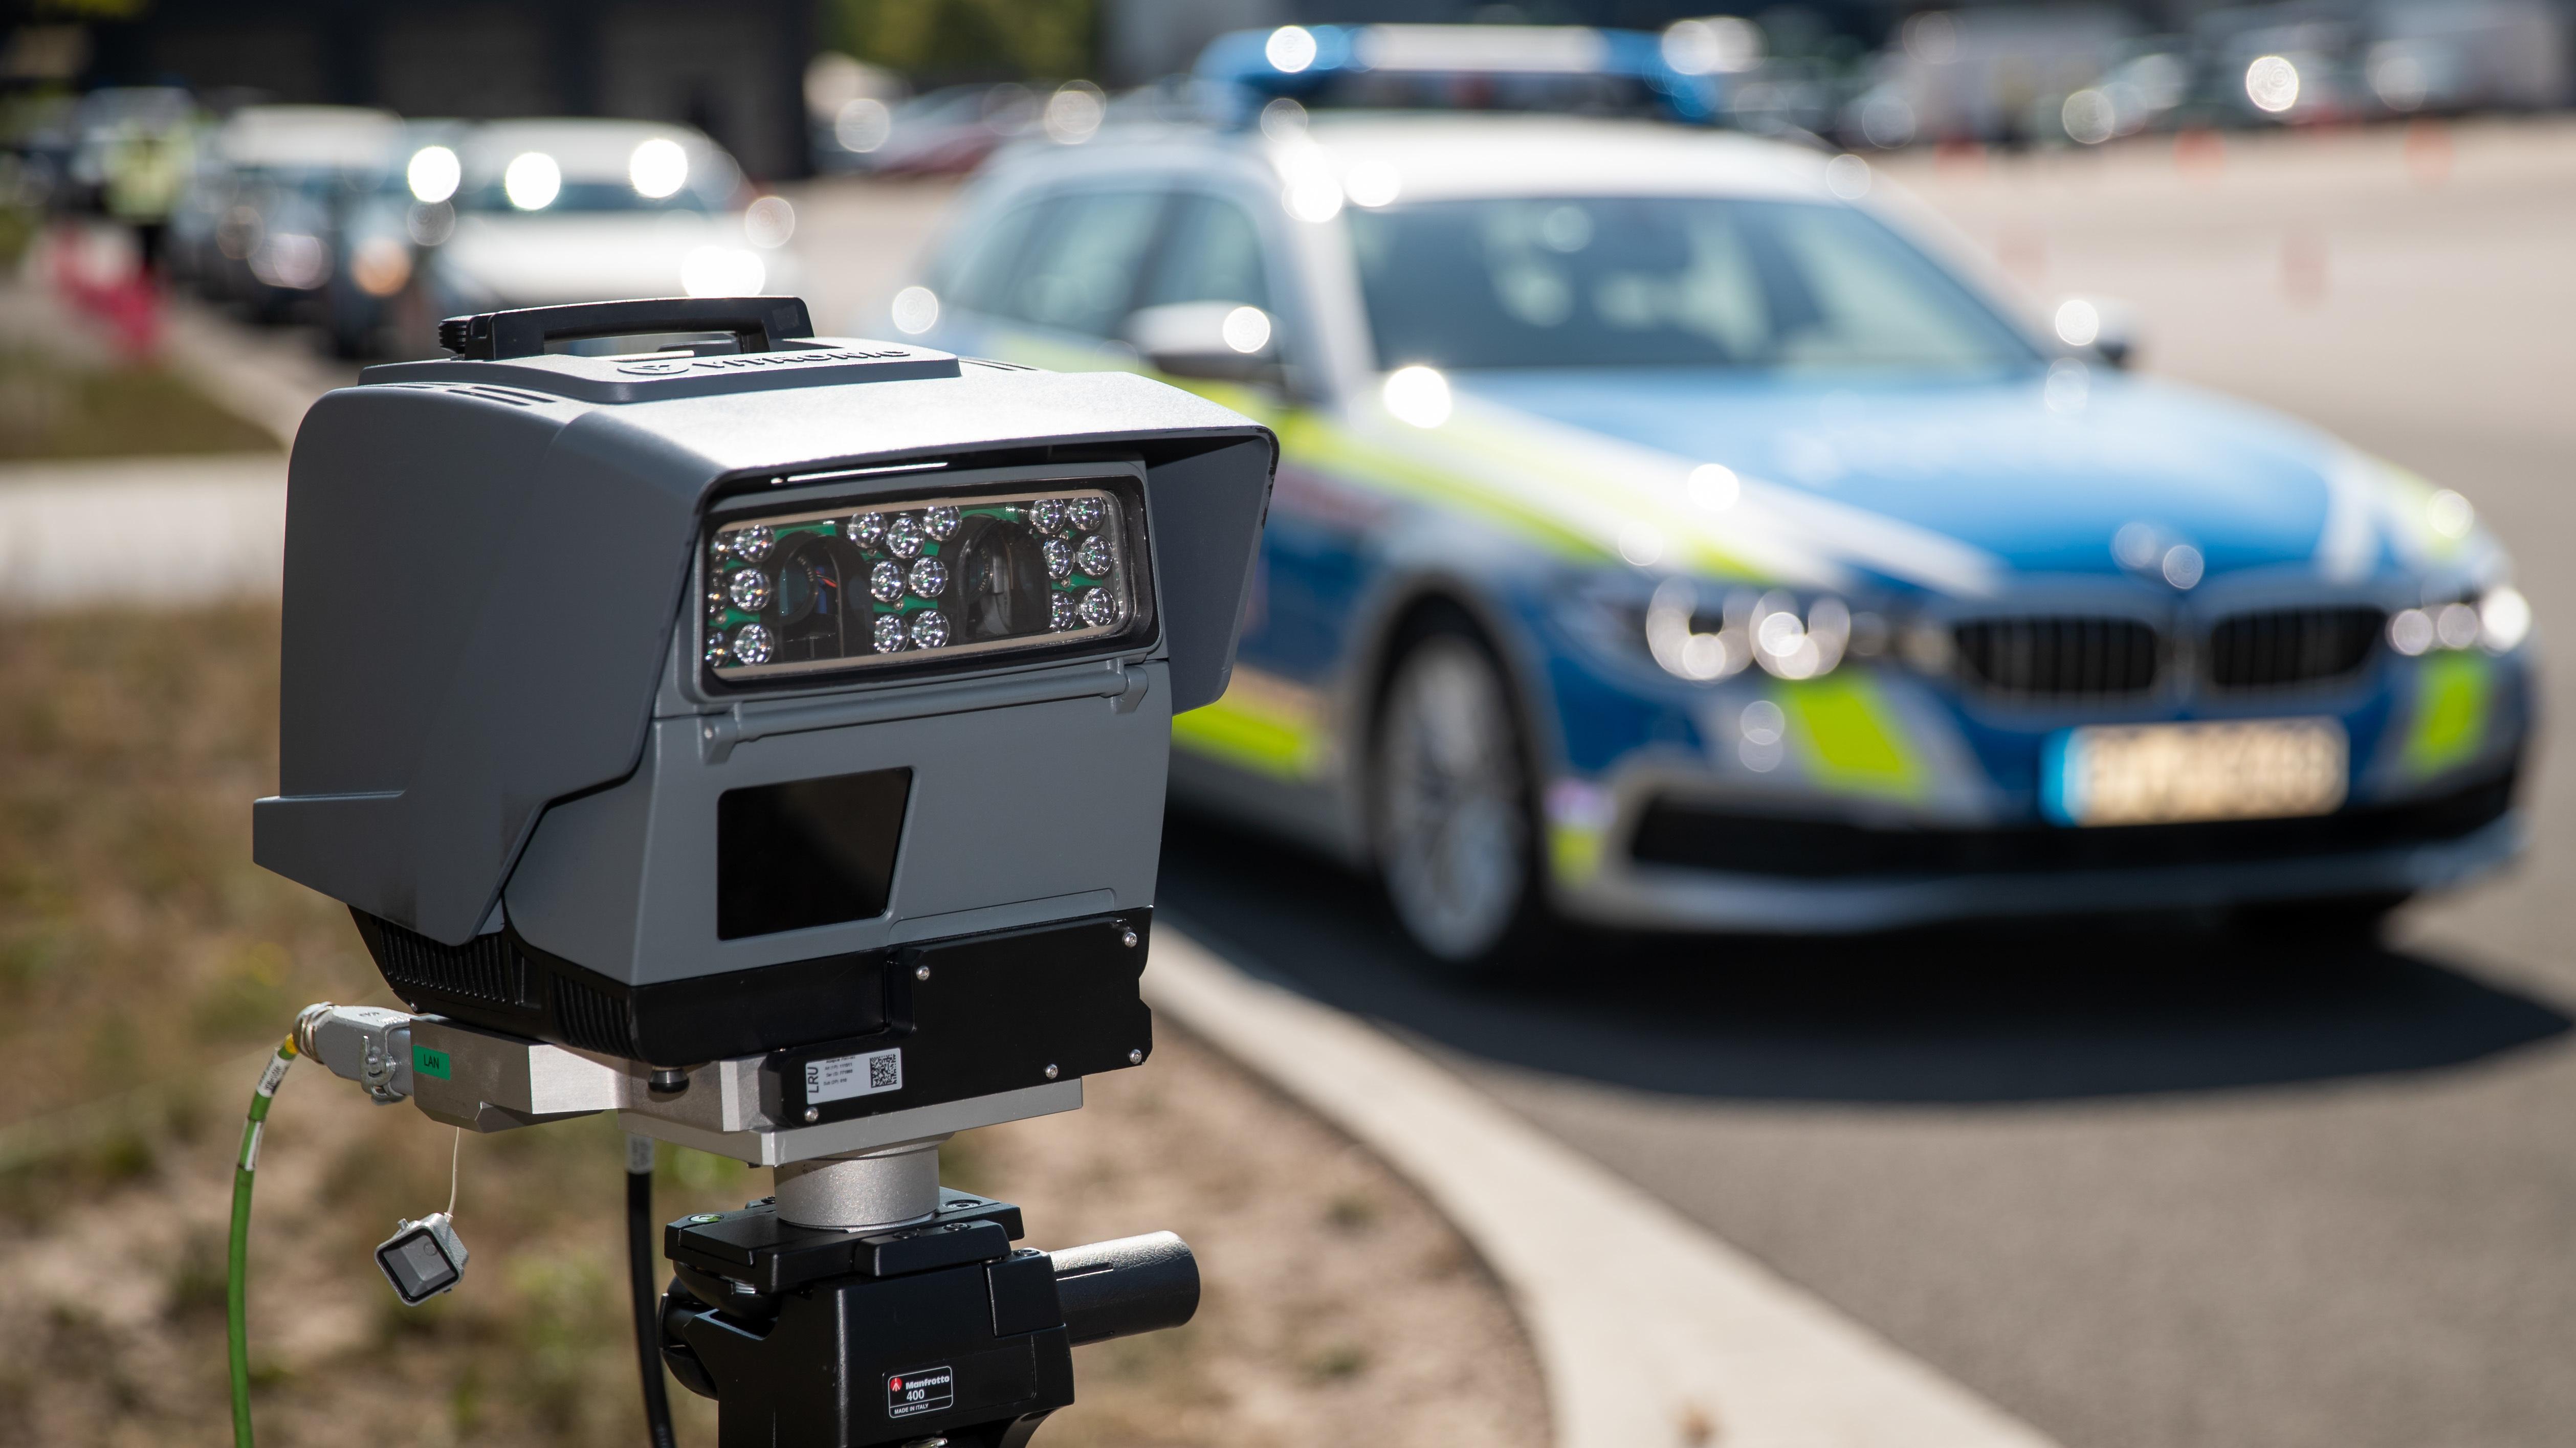 Eine transportable automatisierte Kennzeichenerkennungs-Anlage (AKE) steht vor einem Polizeiauto.